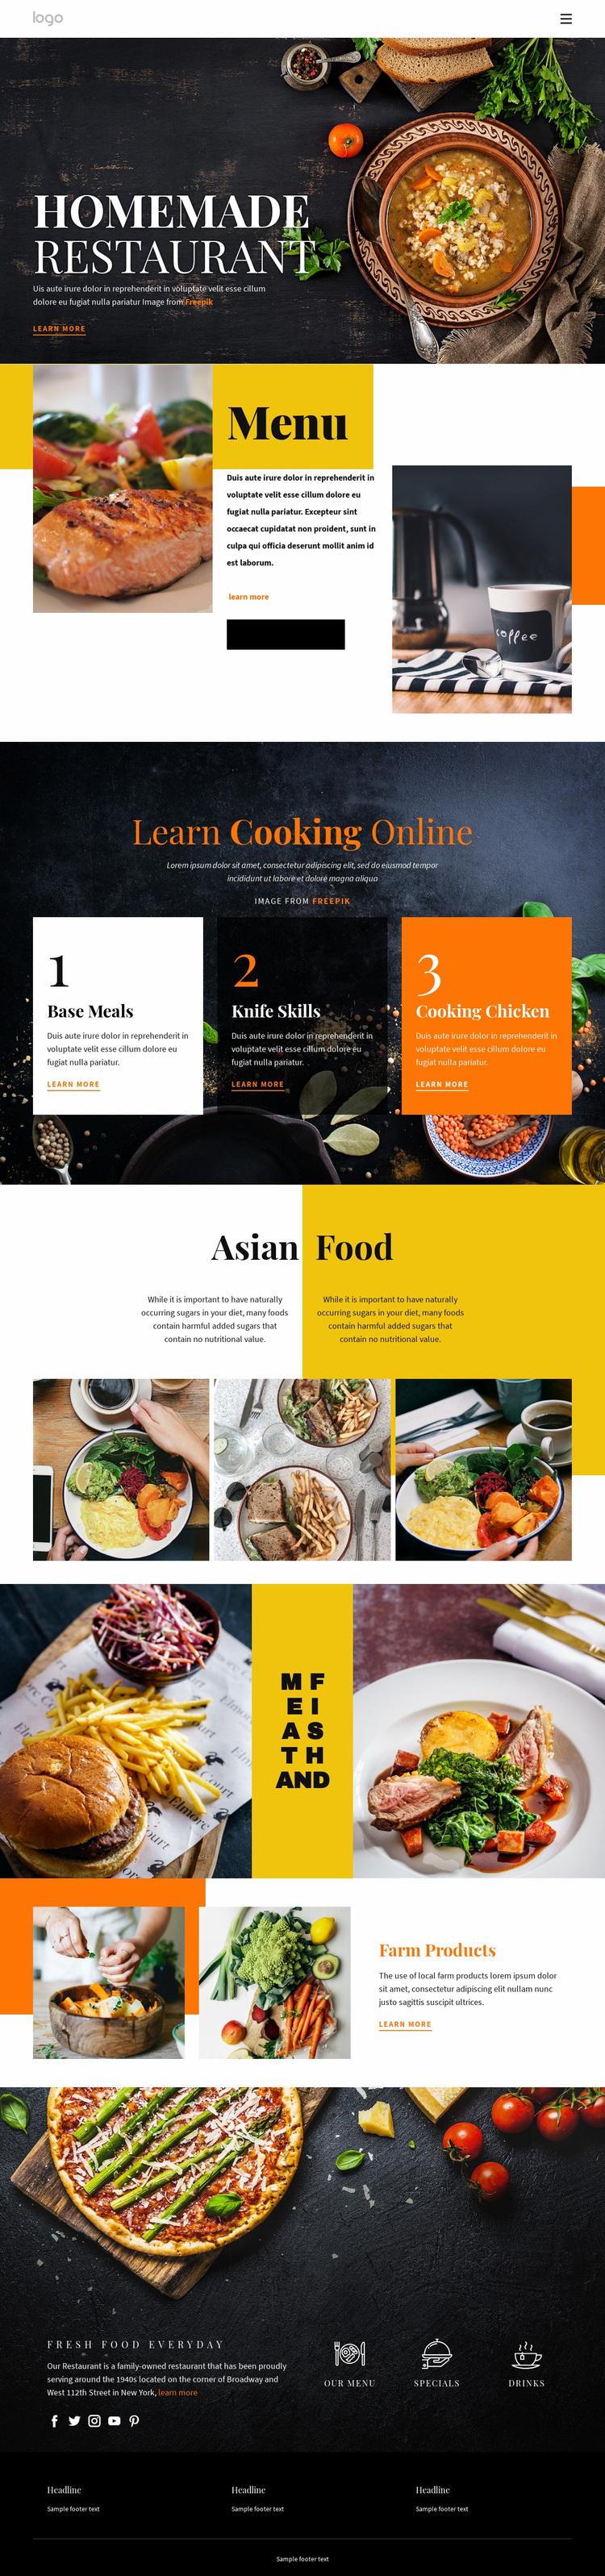 Better than home food Website Design